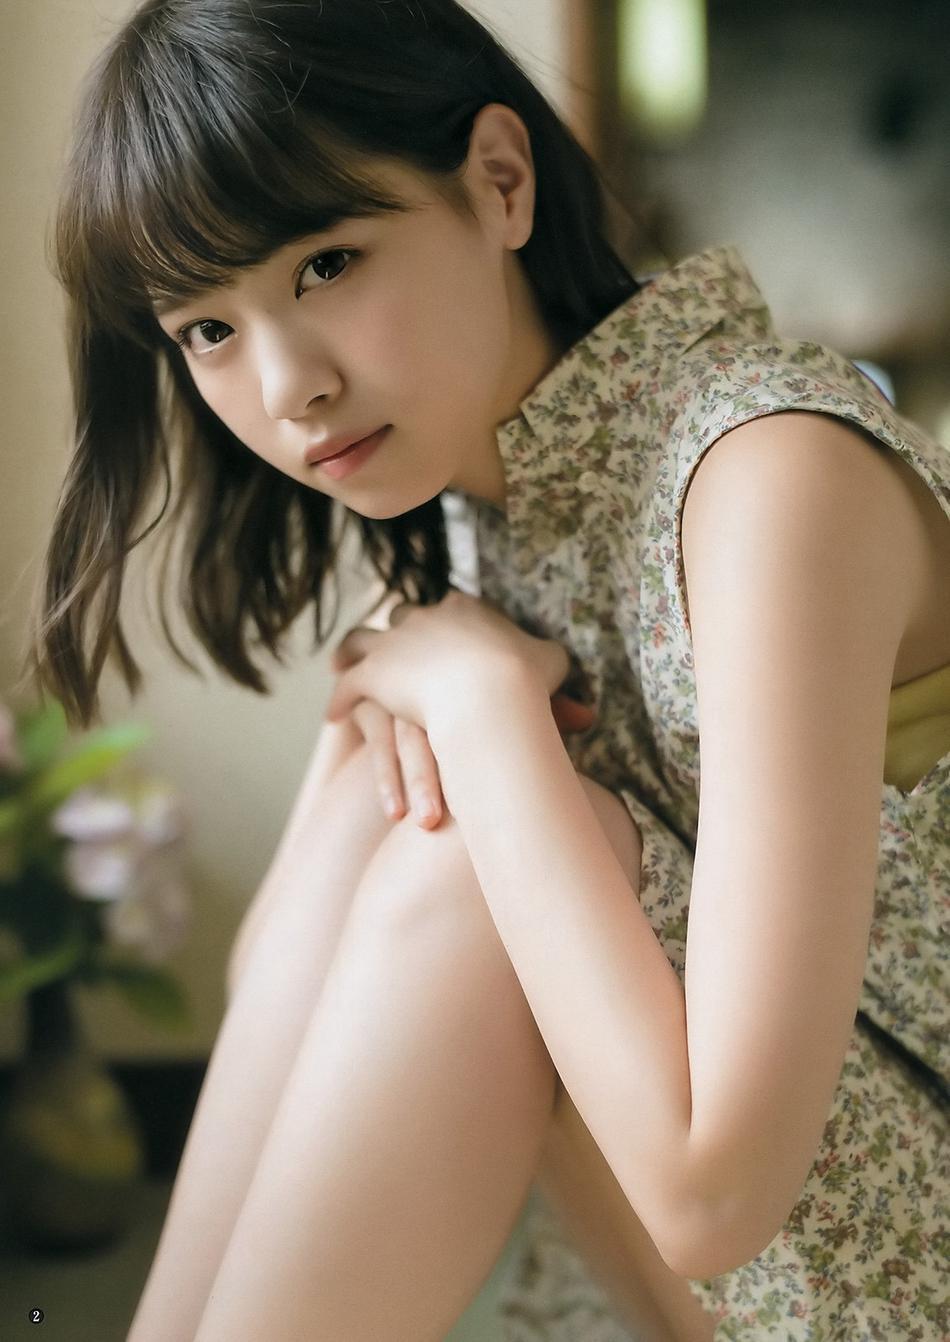 组图:日本女星西野七濑写真曝光 淑女气质甜美可人